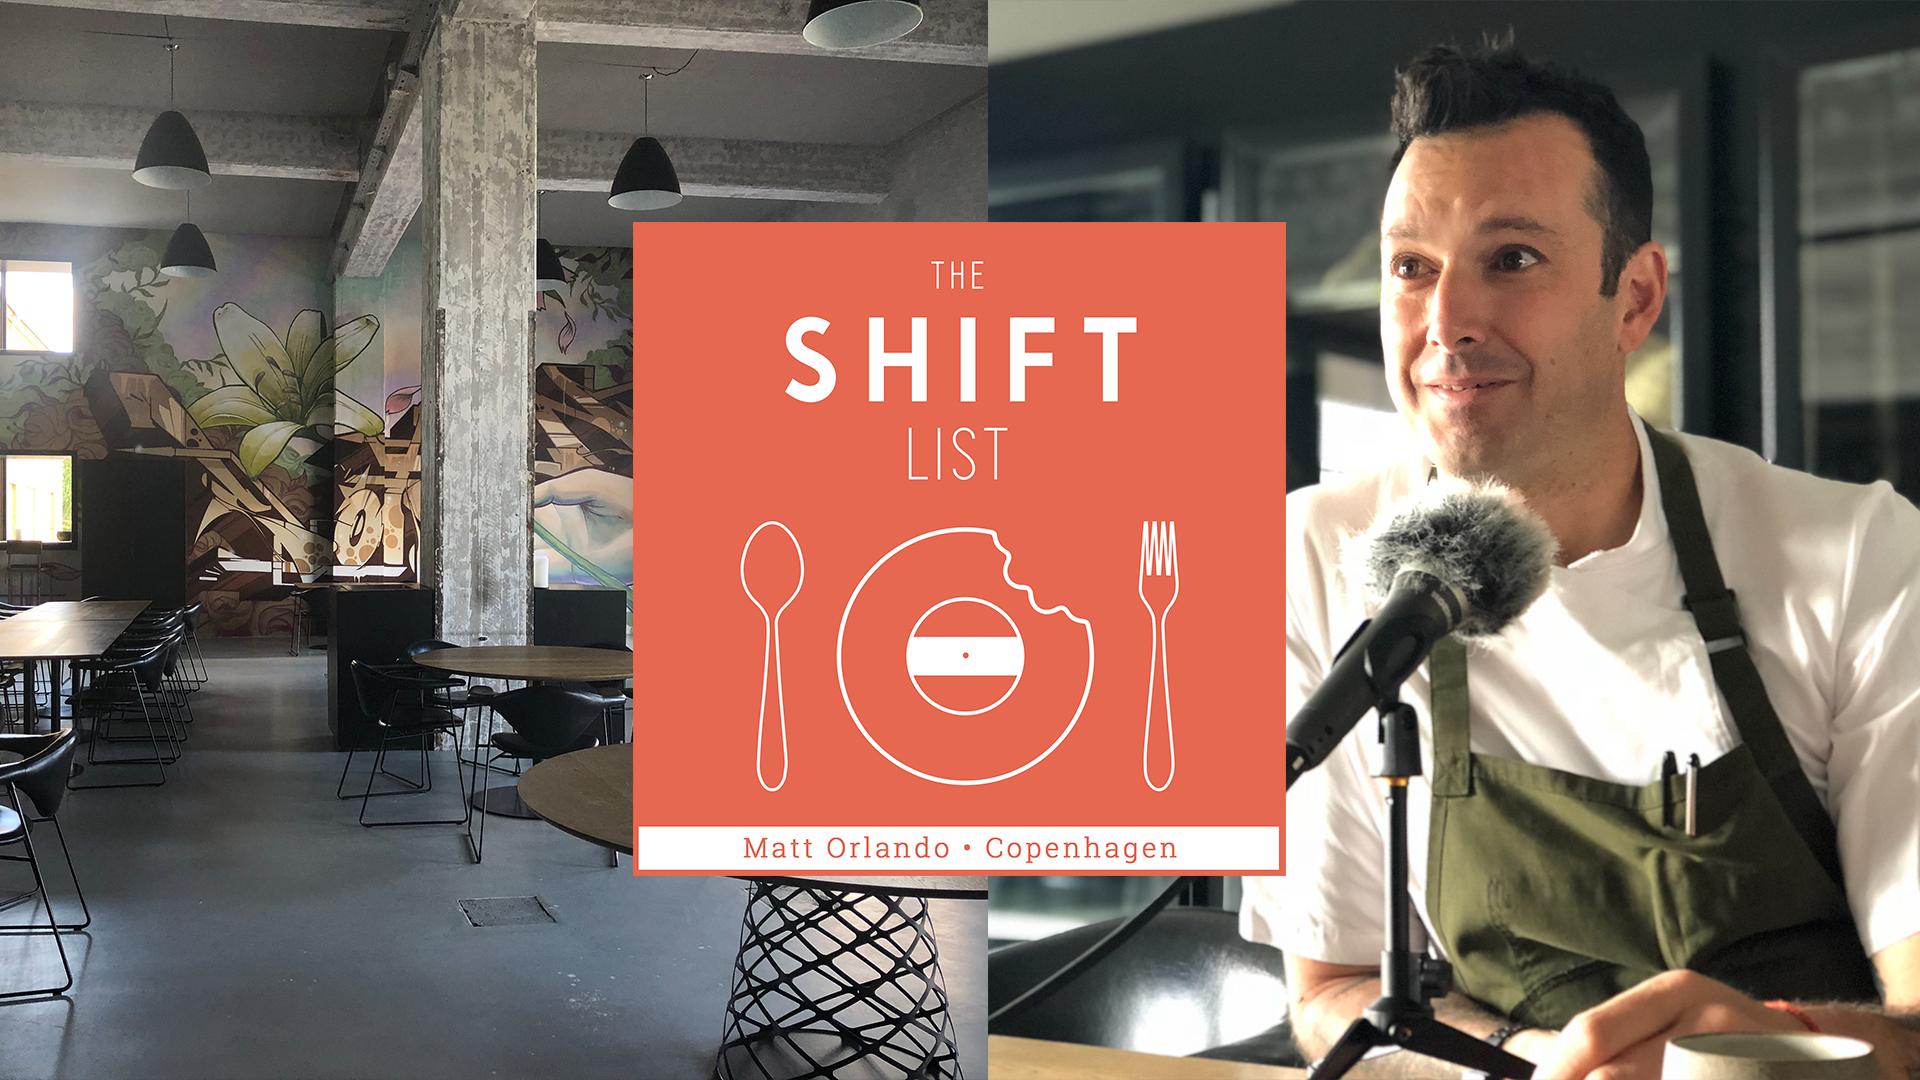 The Shift List - Matt Orlando (Amass, noma, Per Se) - Copenhagen